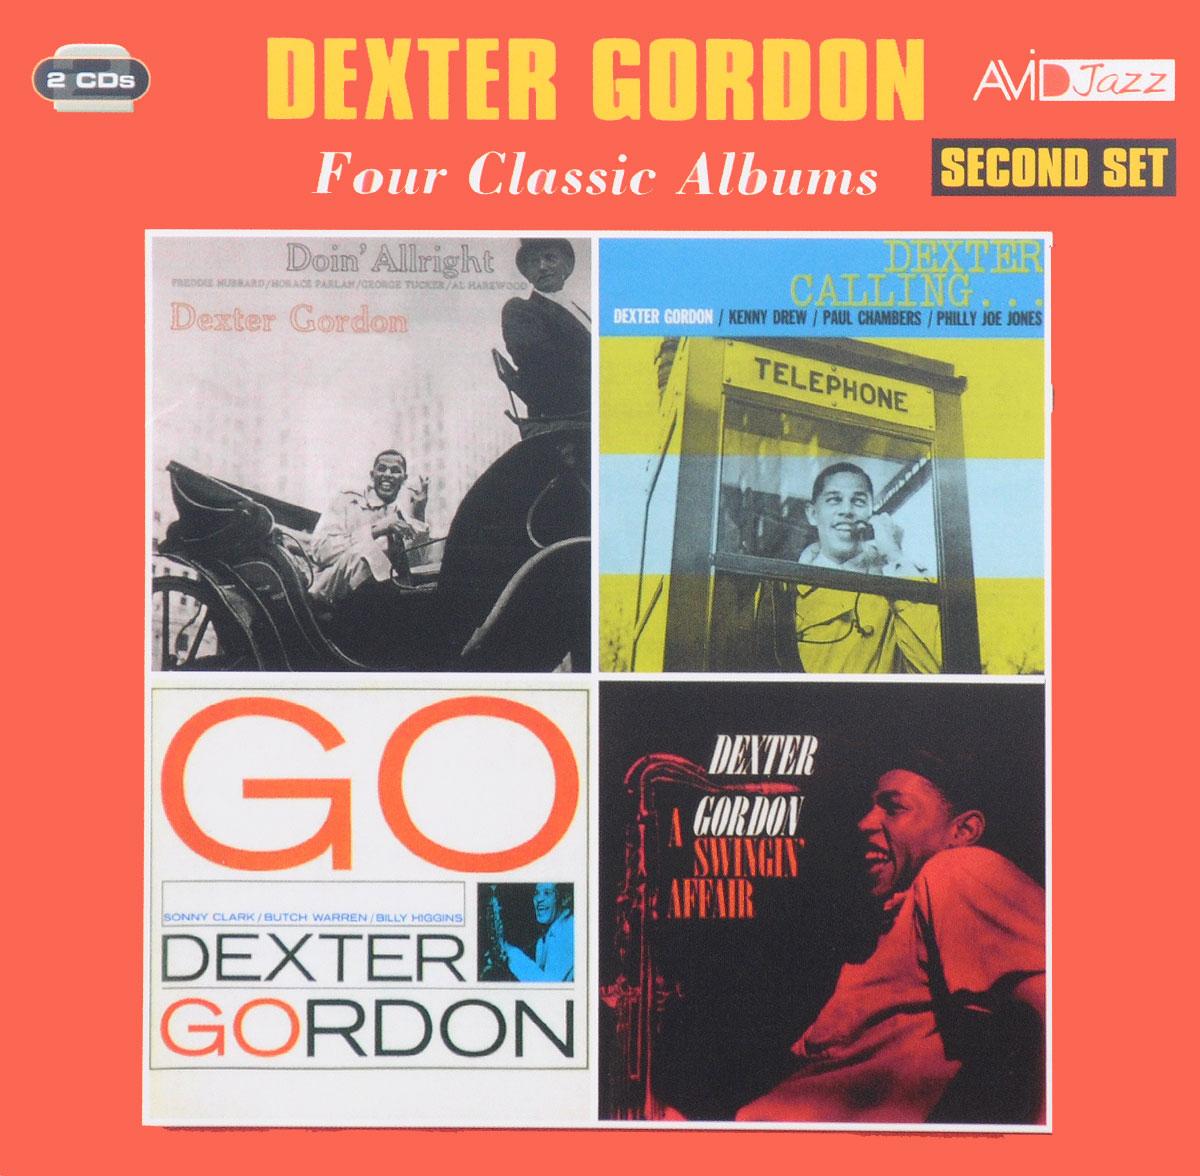 лучшая цена Декстер Гордон Avid Jazz. Dexter Gordon. Four Classic Albums. Second Set (2 CD)